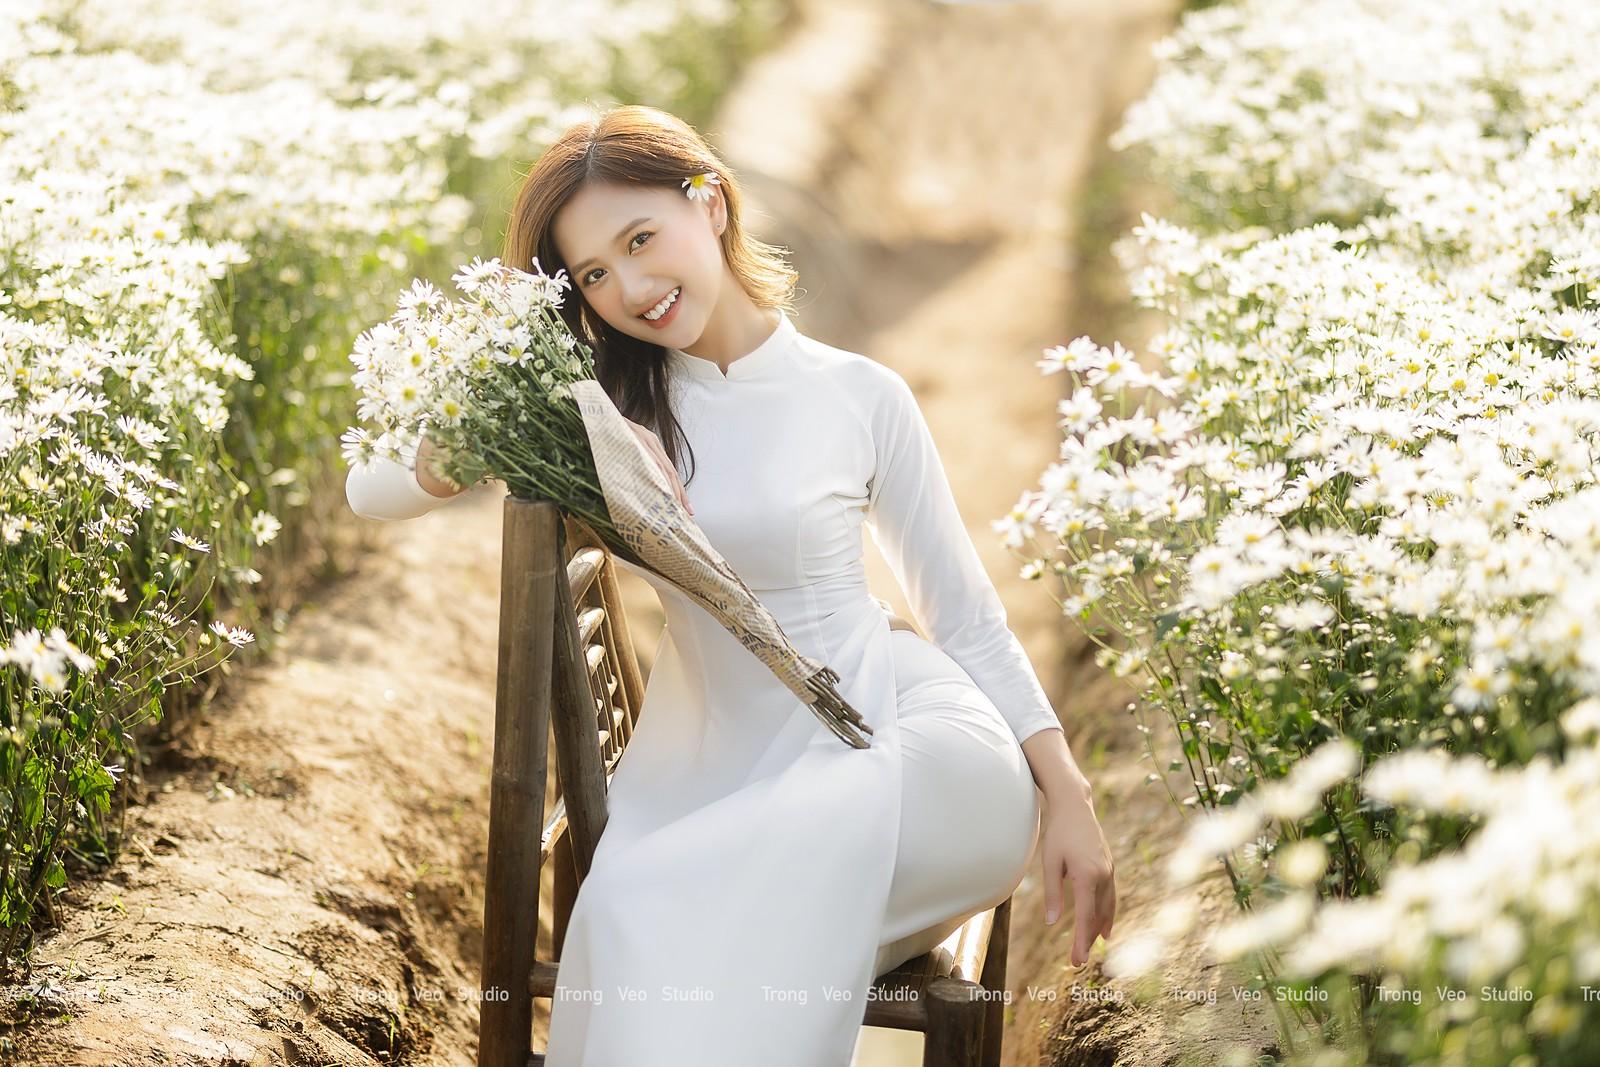 Ngắm hot Girl Thu Hương xinh đẹp như hóa trong tà áo dài trắng bên cúc họa mi - 1